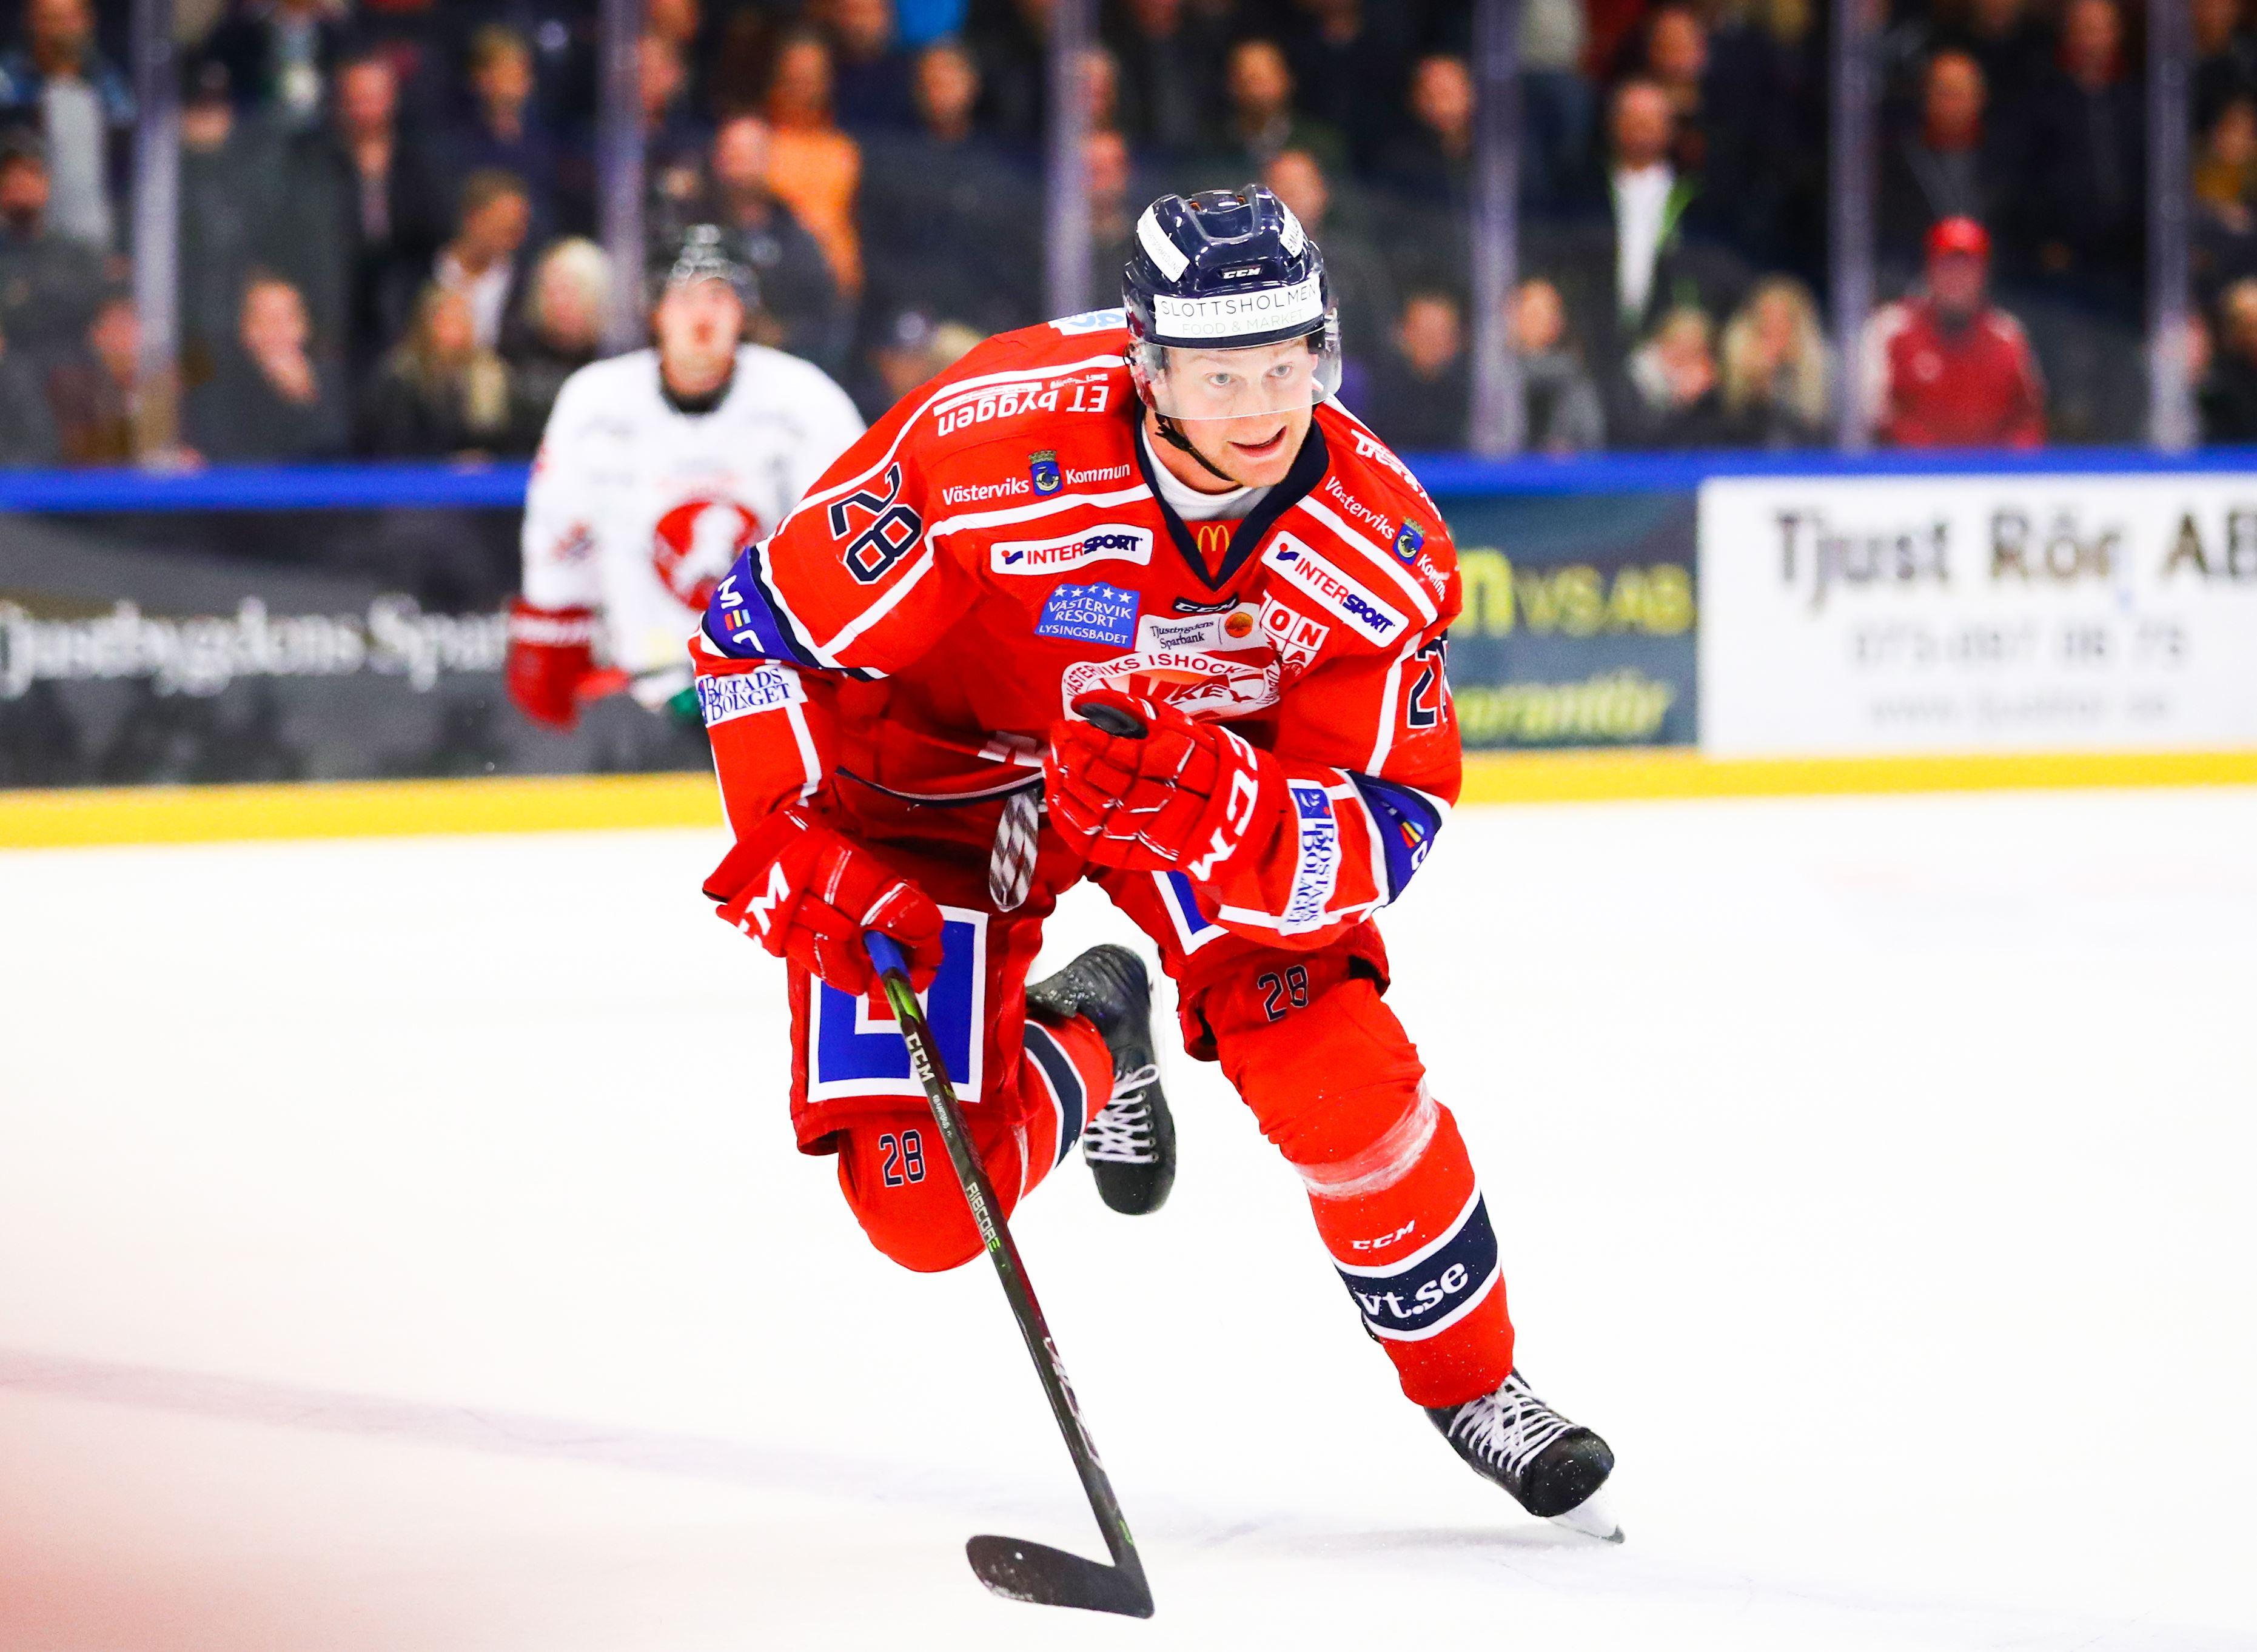 Kvalserien: VIK Hockey - Piteå